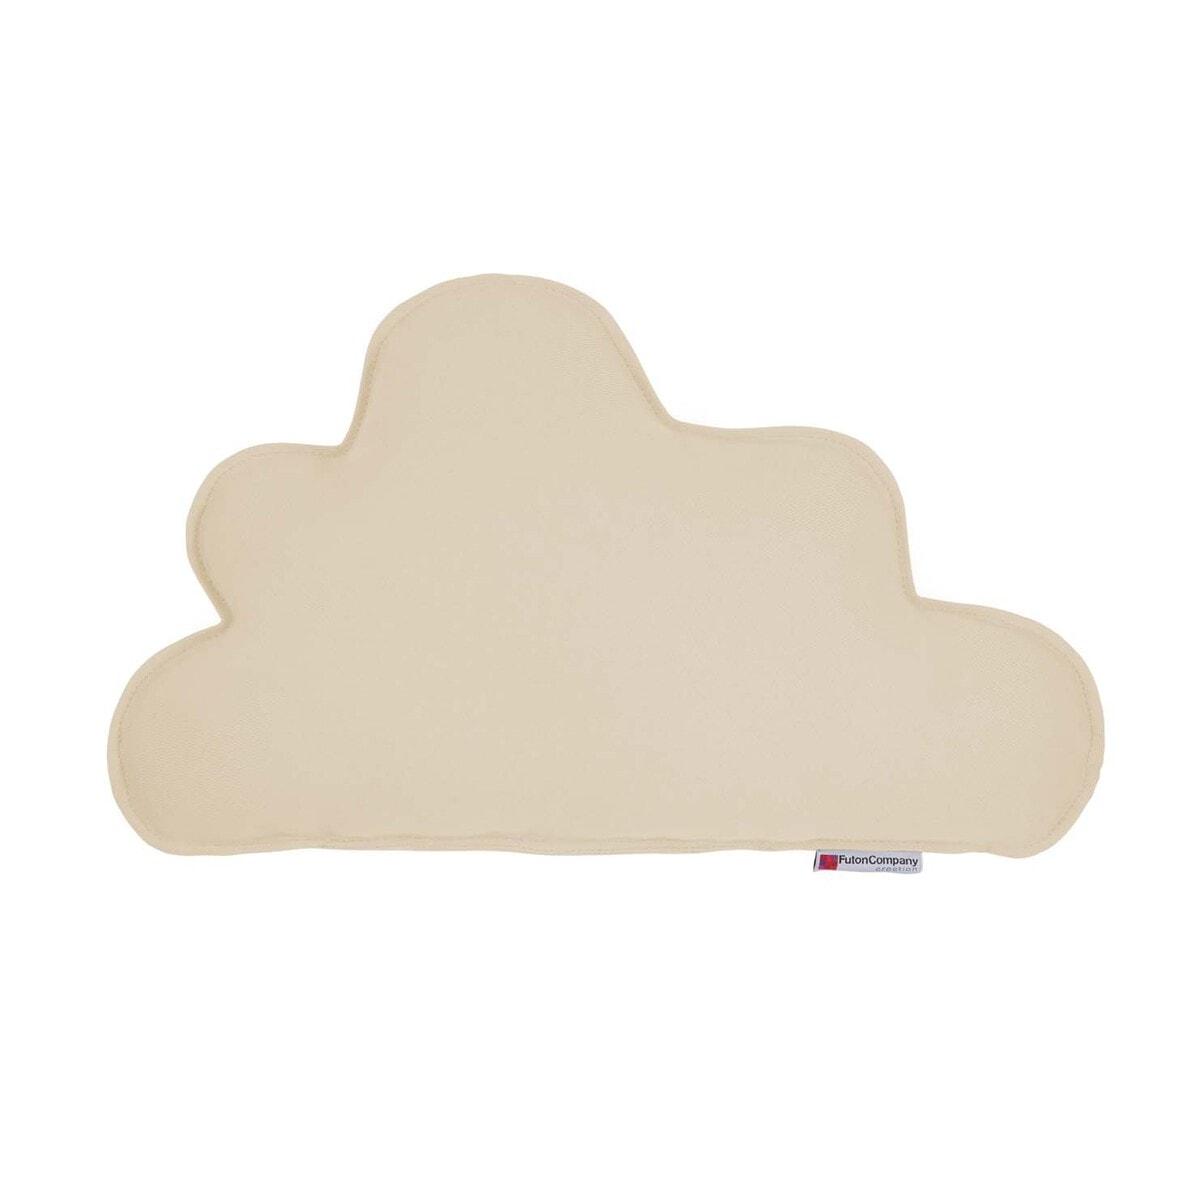 Almofada-Nuvem-Sharp-M-Tecido-Sarja-Cru-01-okk